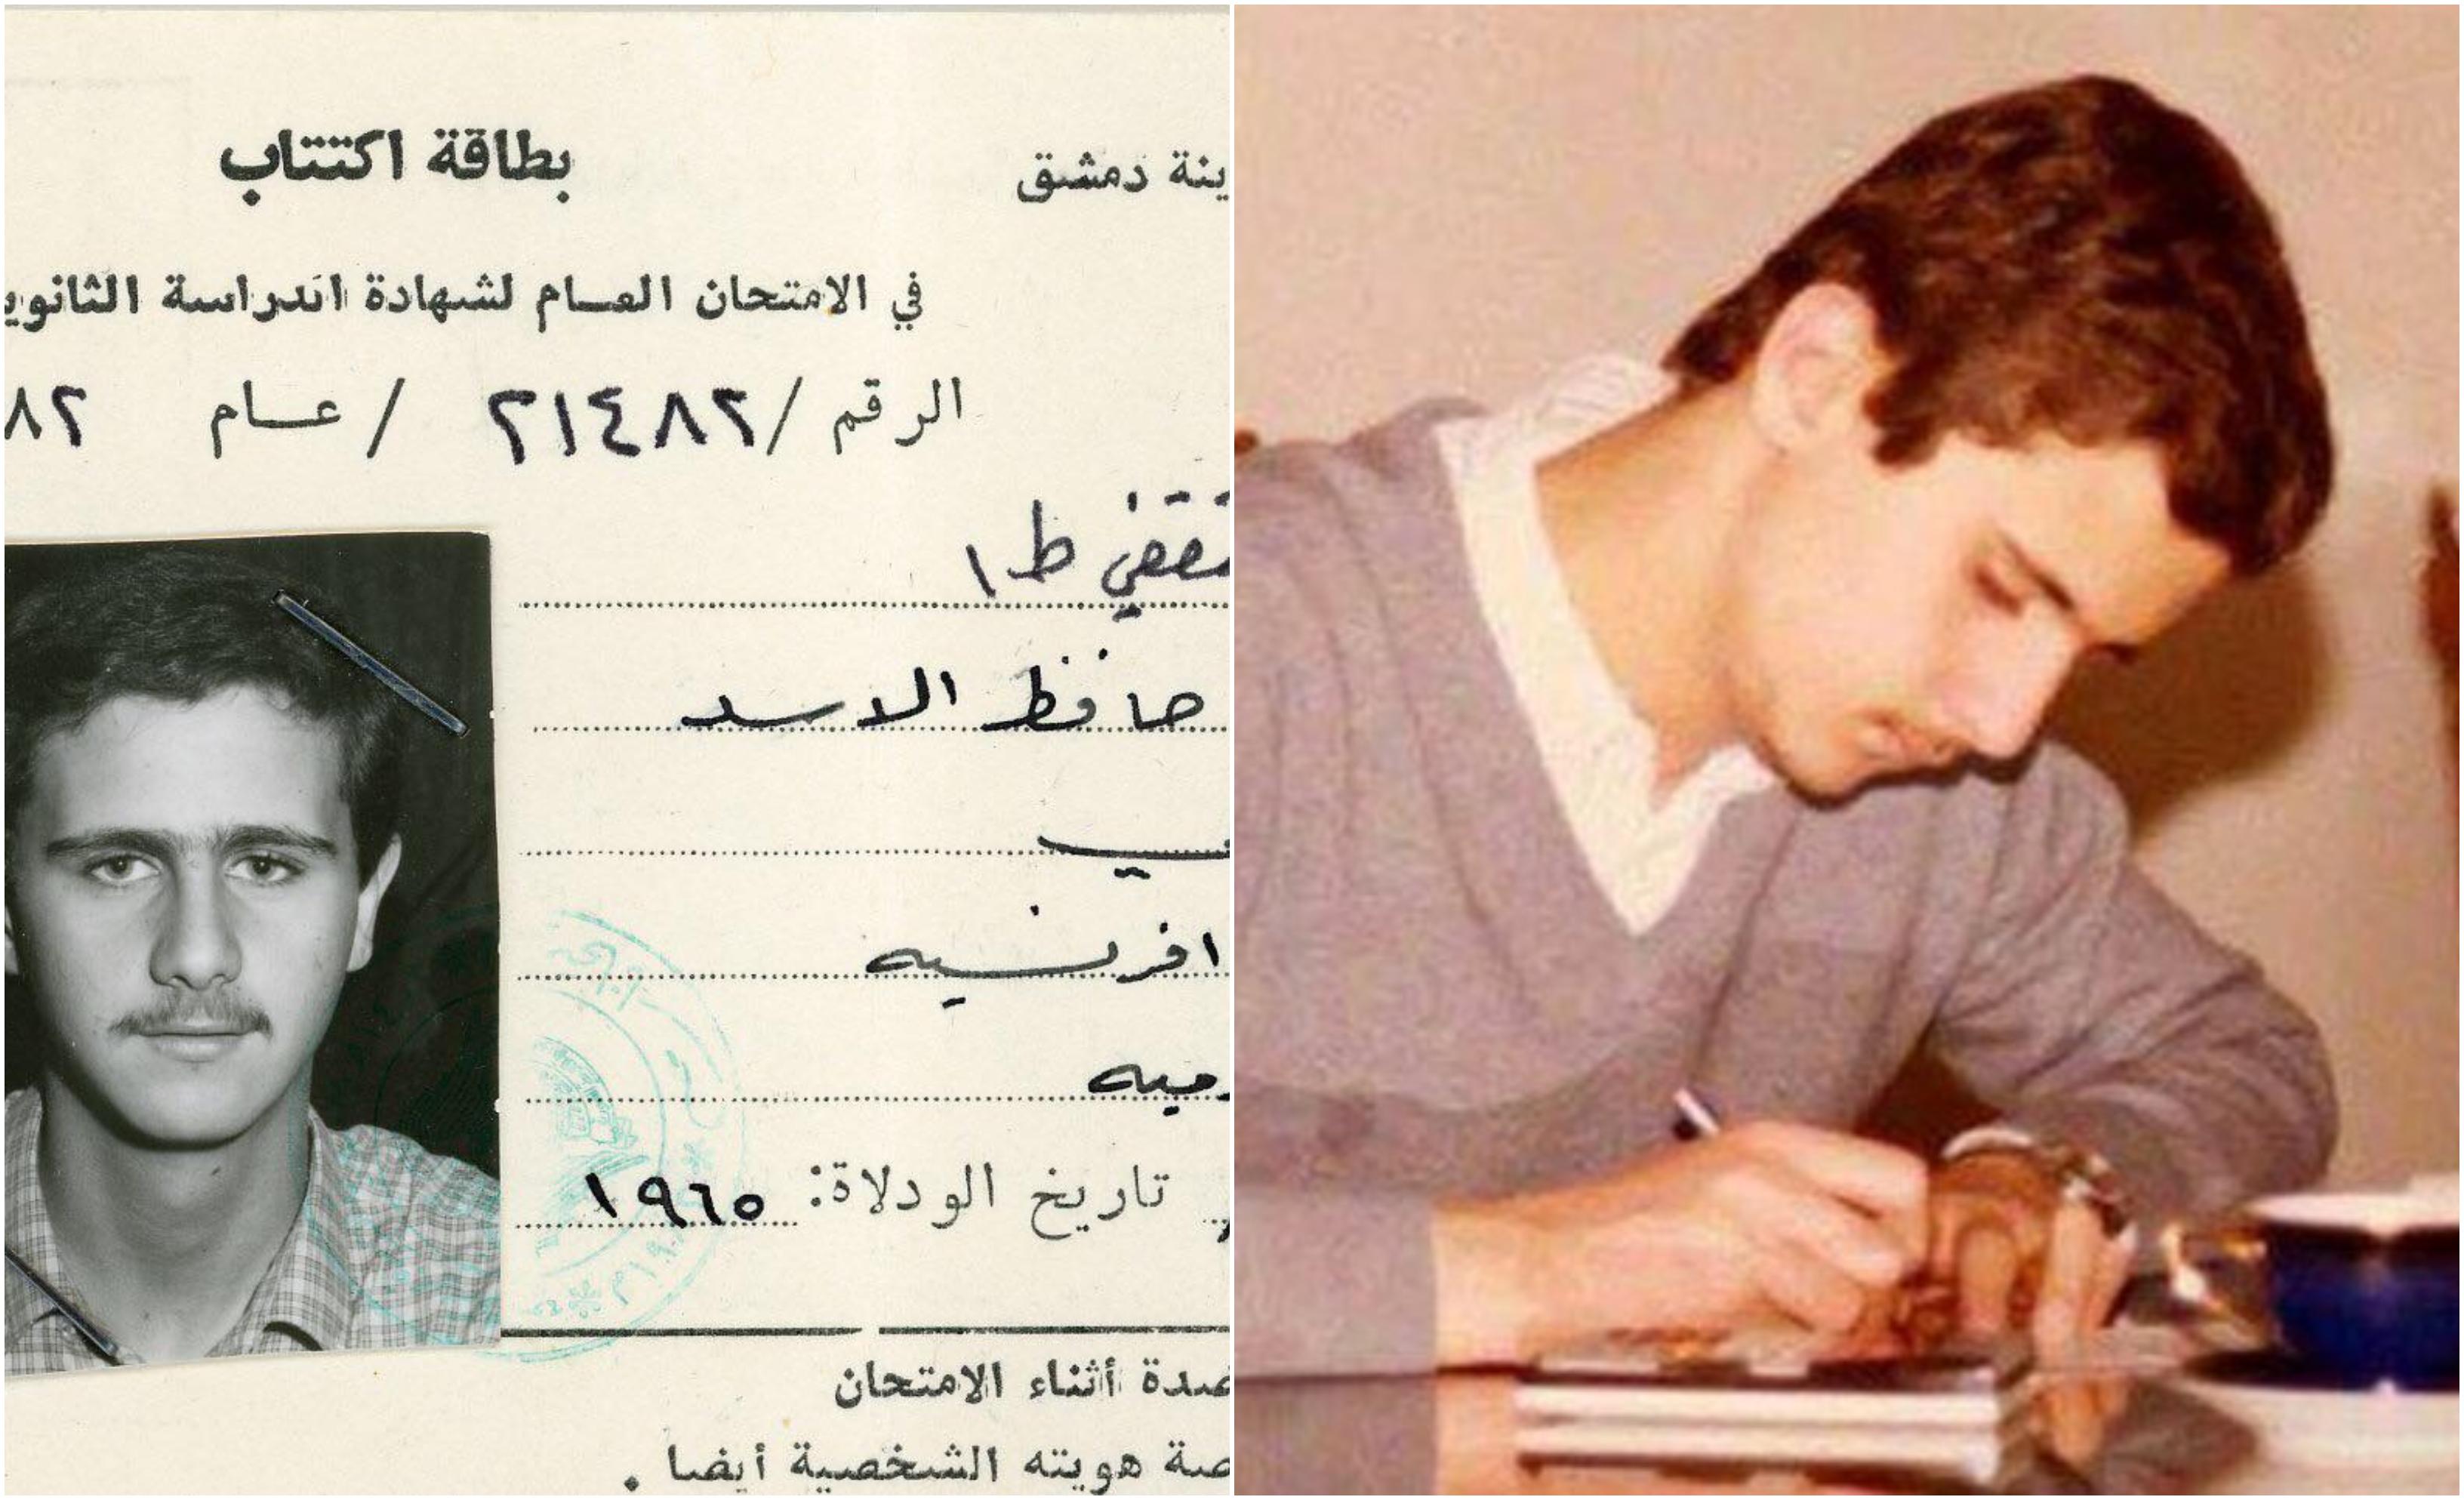 بالصورة/ هذه هي بطاقة الامتحانات الثانوية الخاصة بالأسد أثناء تقديمه سنة 1982